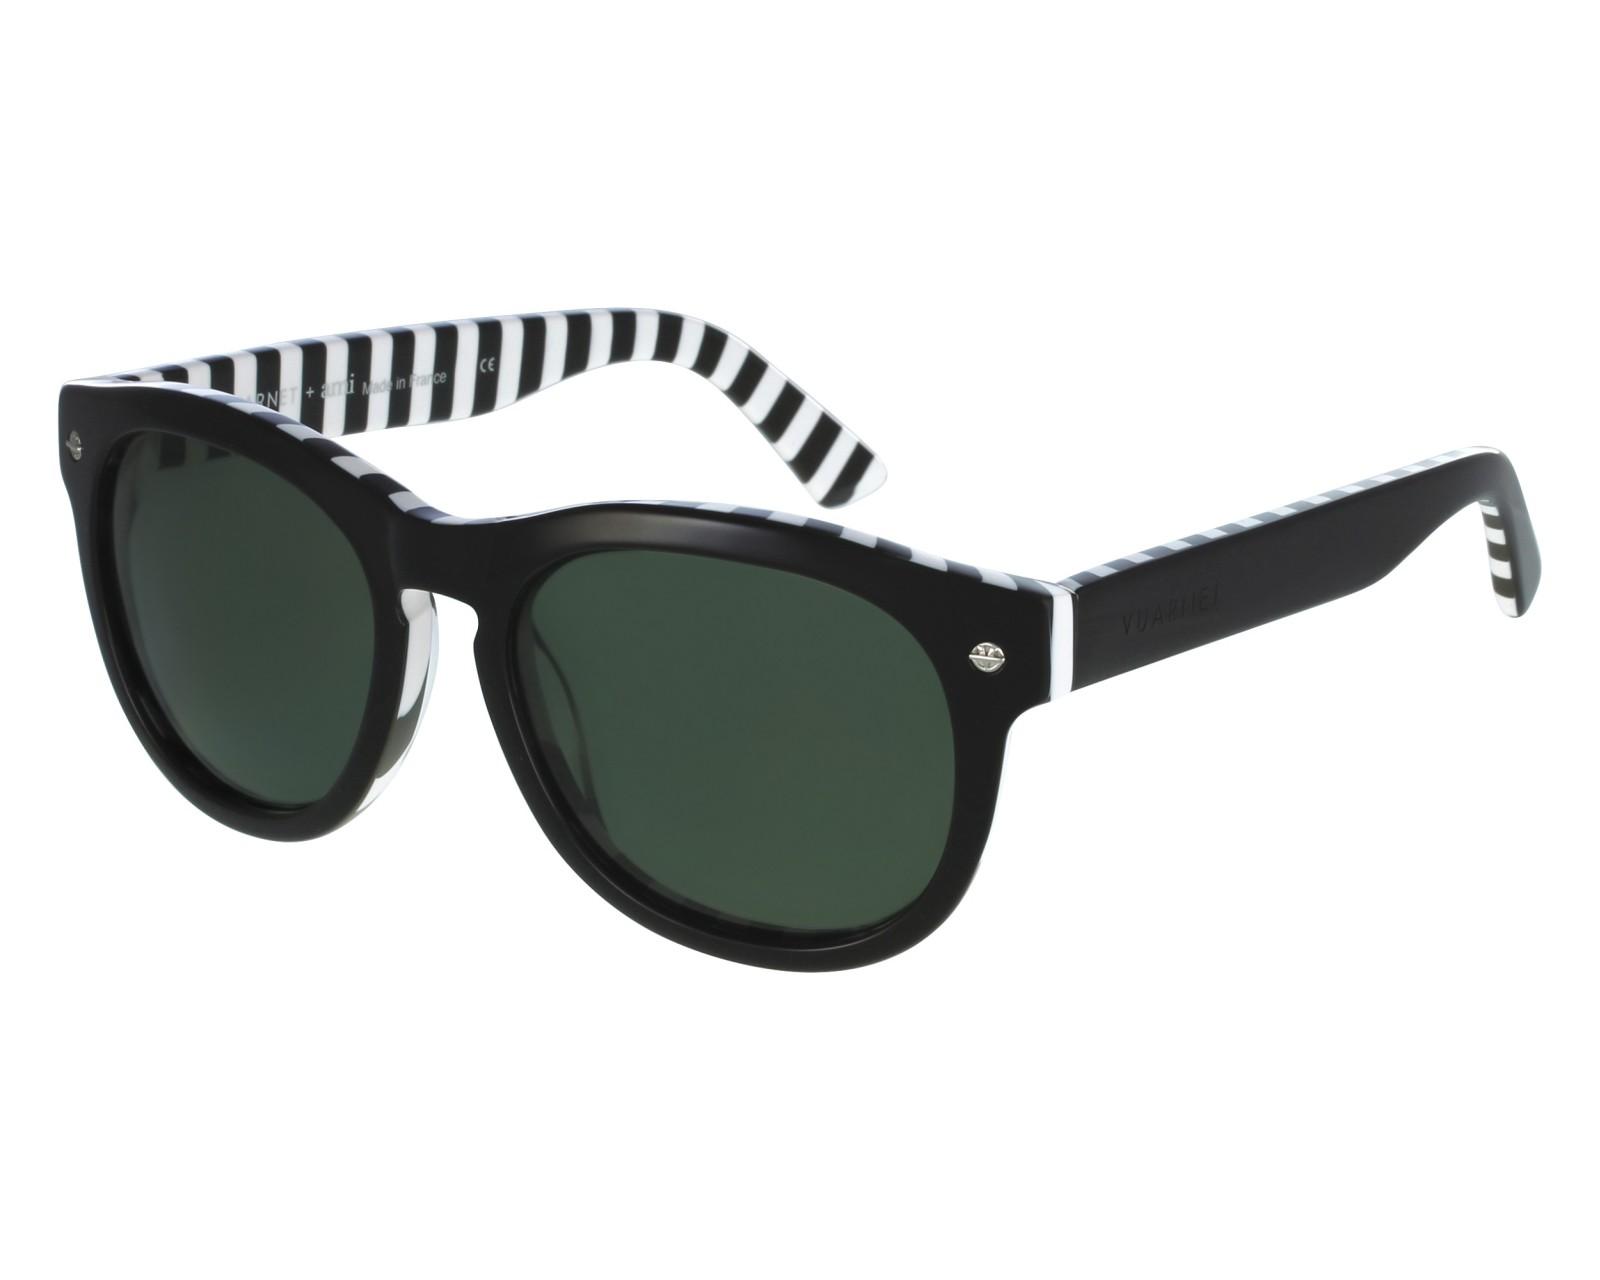 lunettes de soleil vuarnet vl 1504 0001 noir avec des verres gris. Black Bedroom Furniture Sets. Home Design Ideas